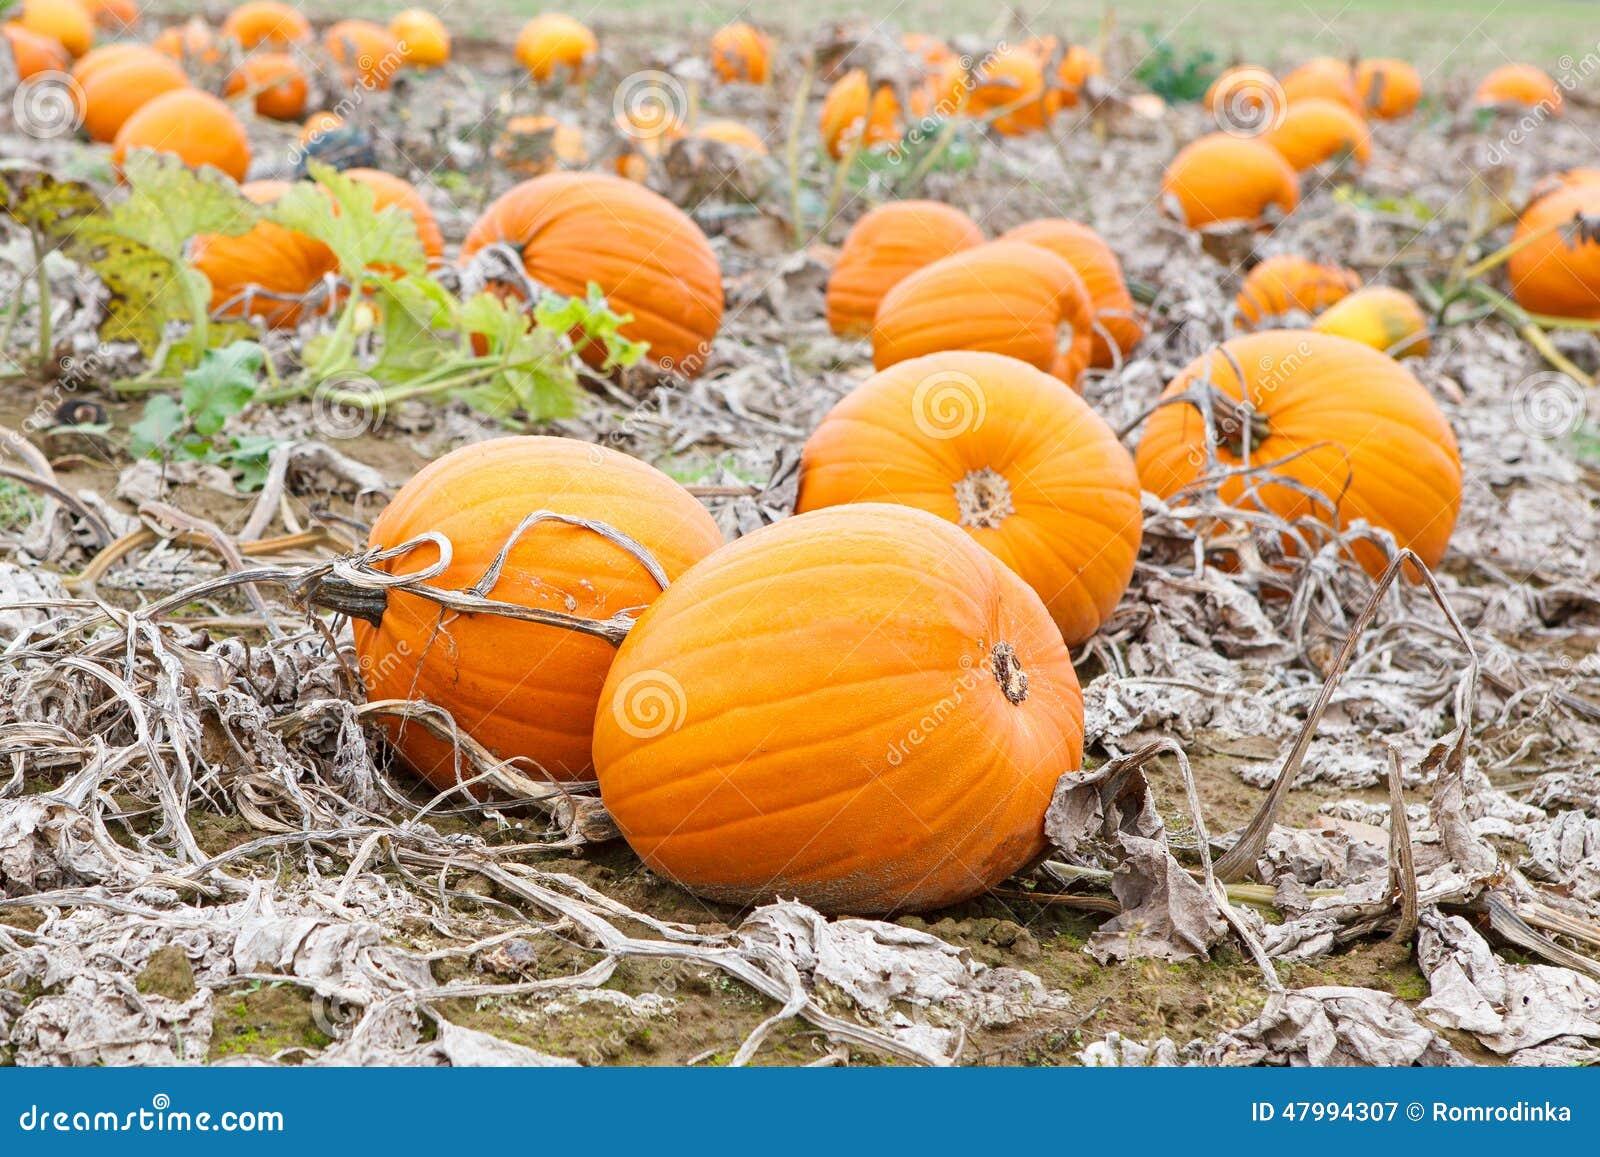 Immagine Zucca Di Halloween 94.Giacimento Della Zucca Con Differenti Tipi Di Zucche Il Giorno Di